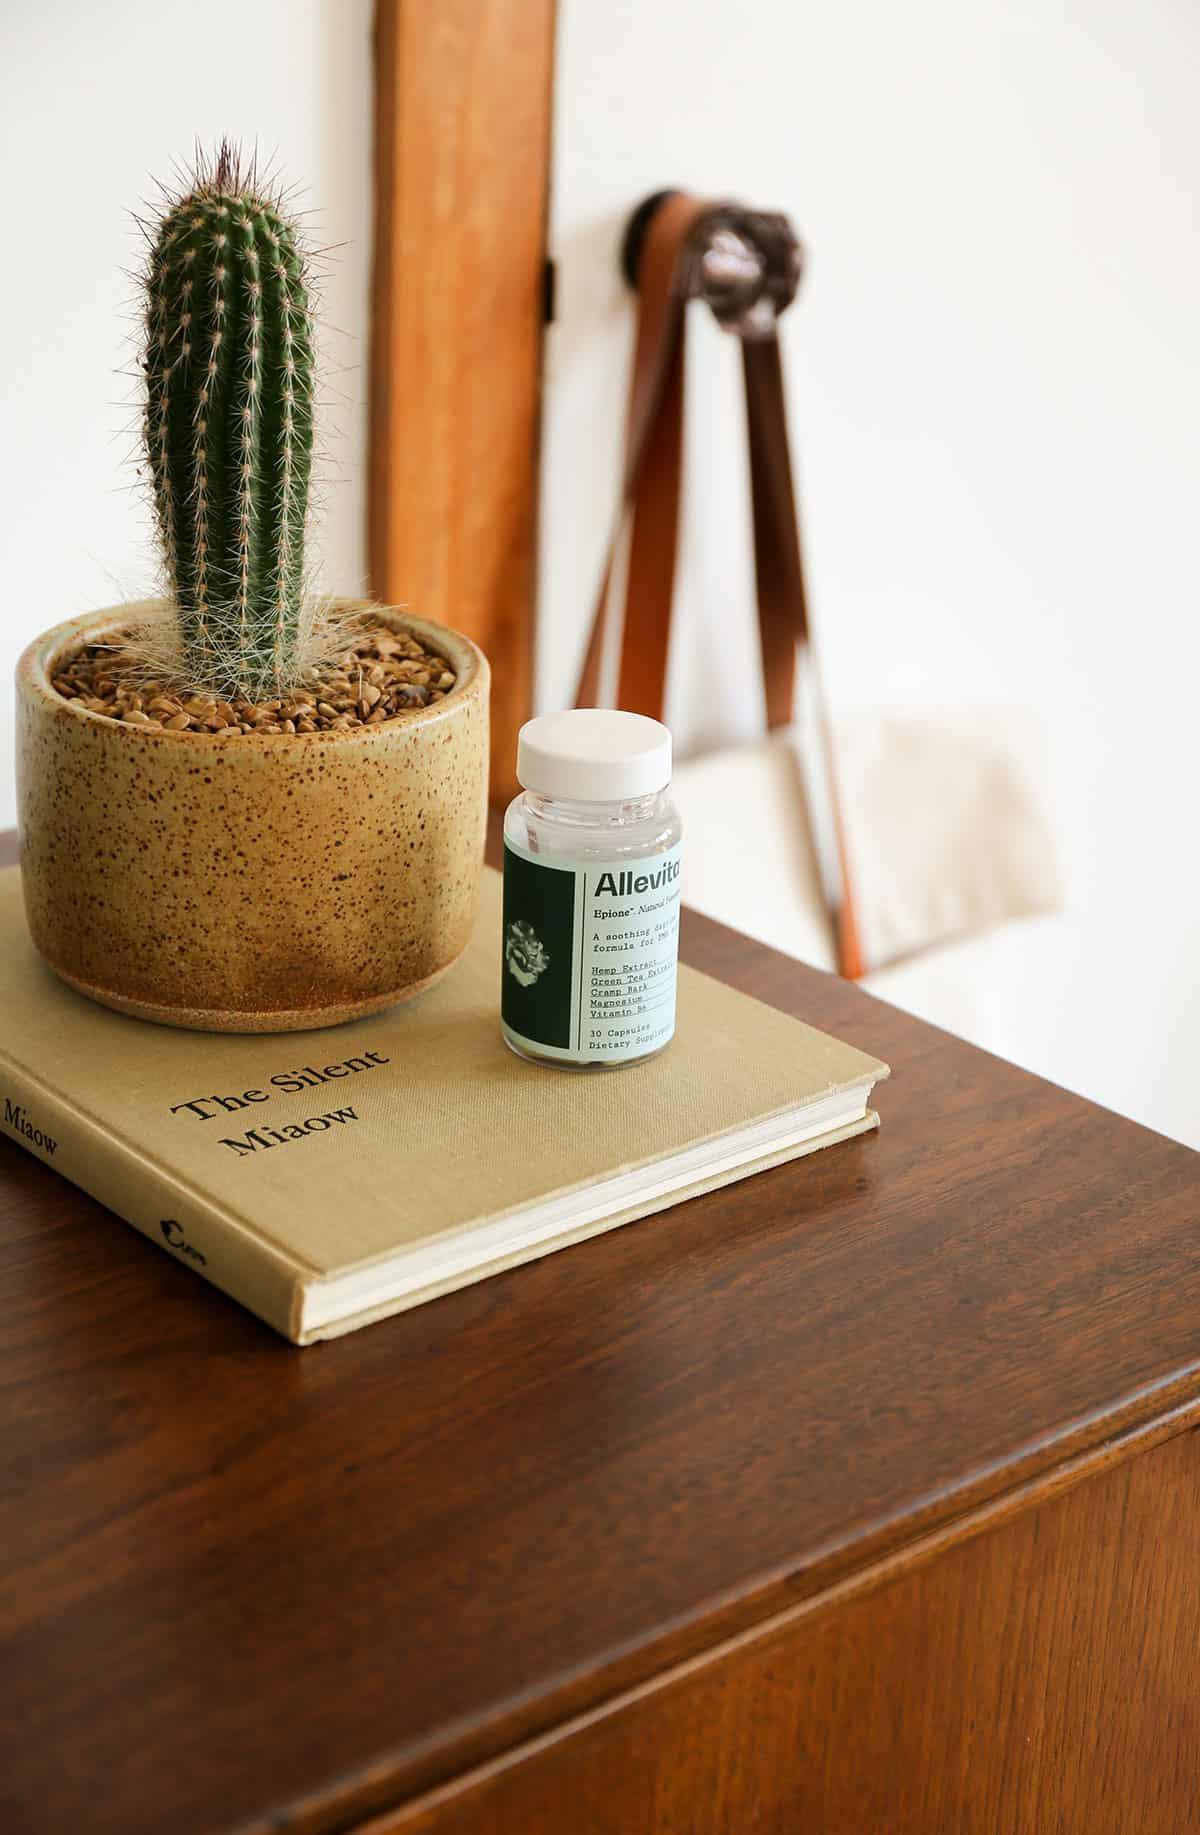 Allevita CBD Coupon Code Epione Cactus